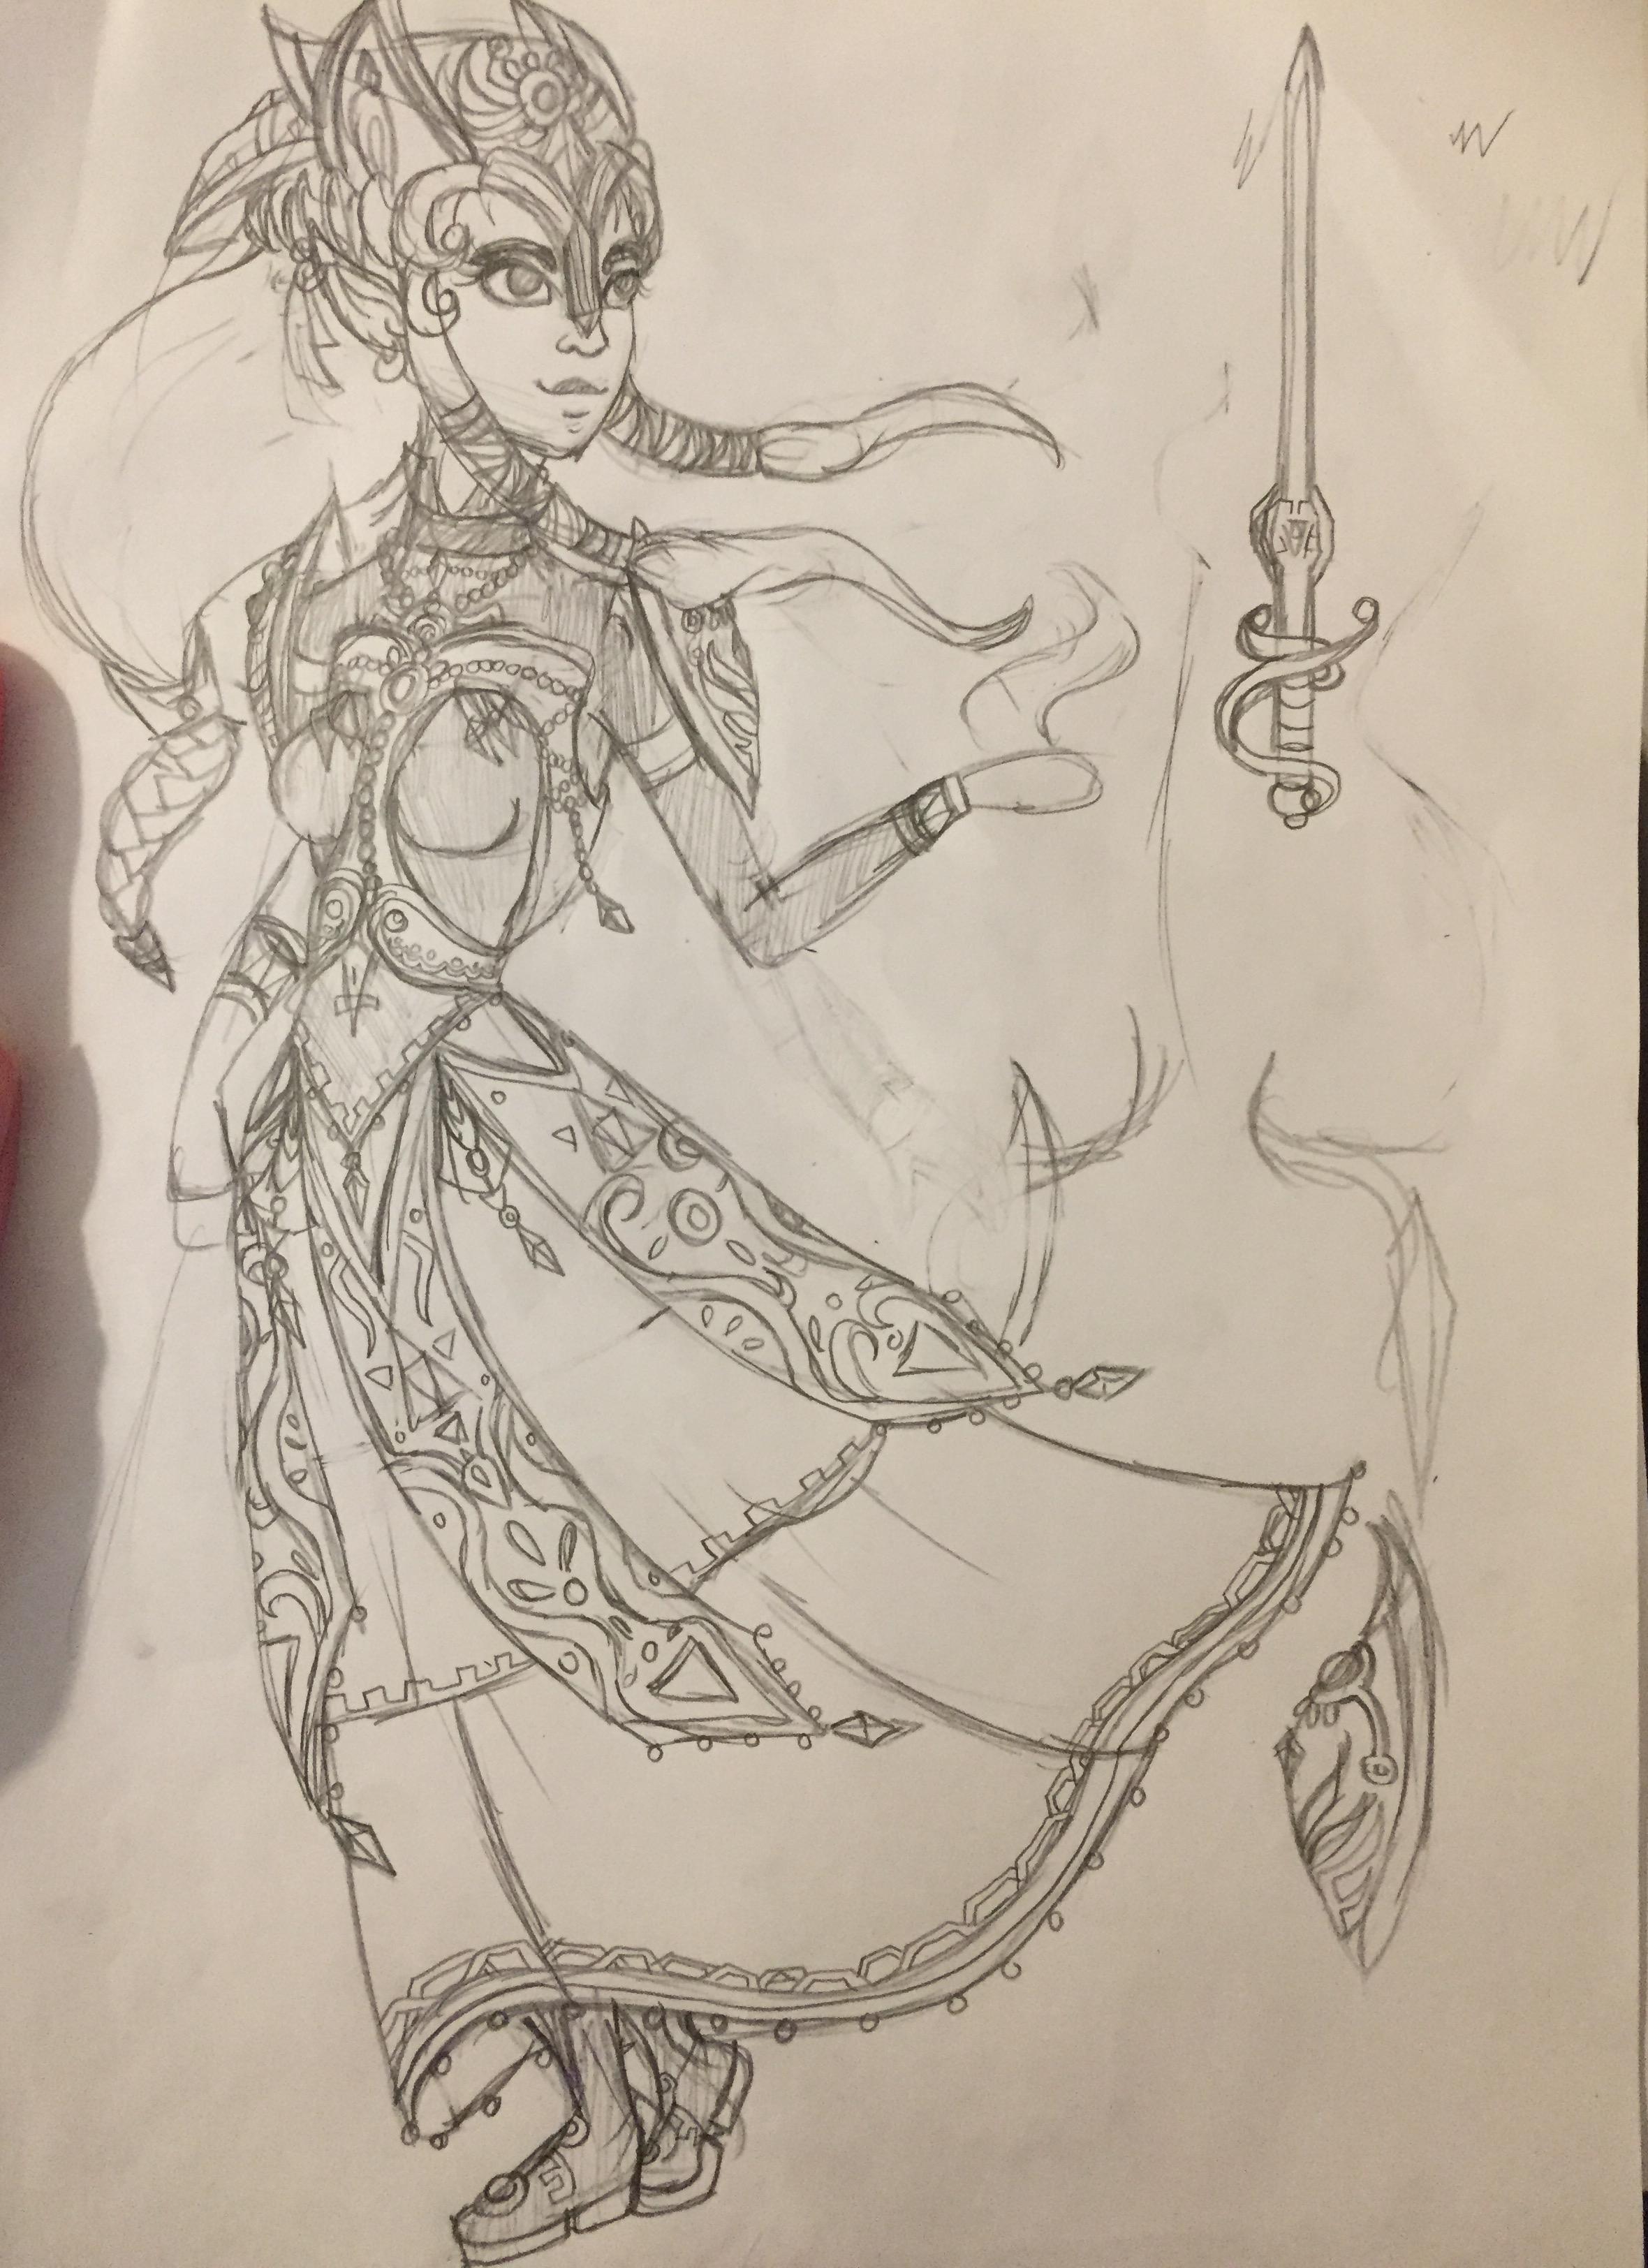 Sketch for Level 99 COTM!